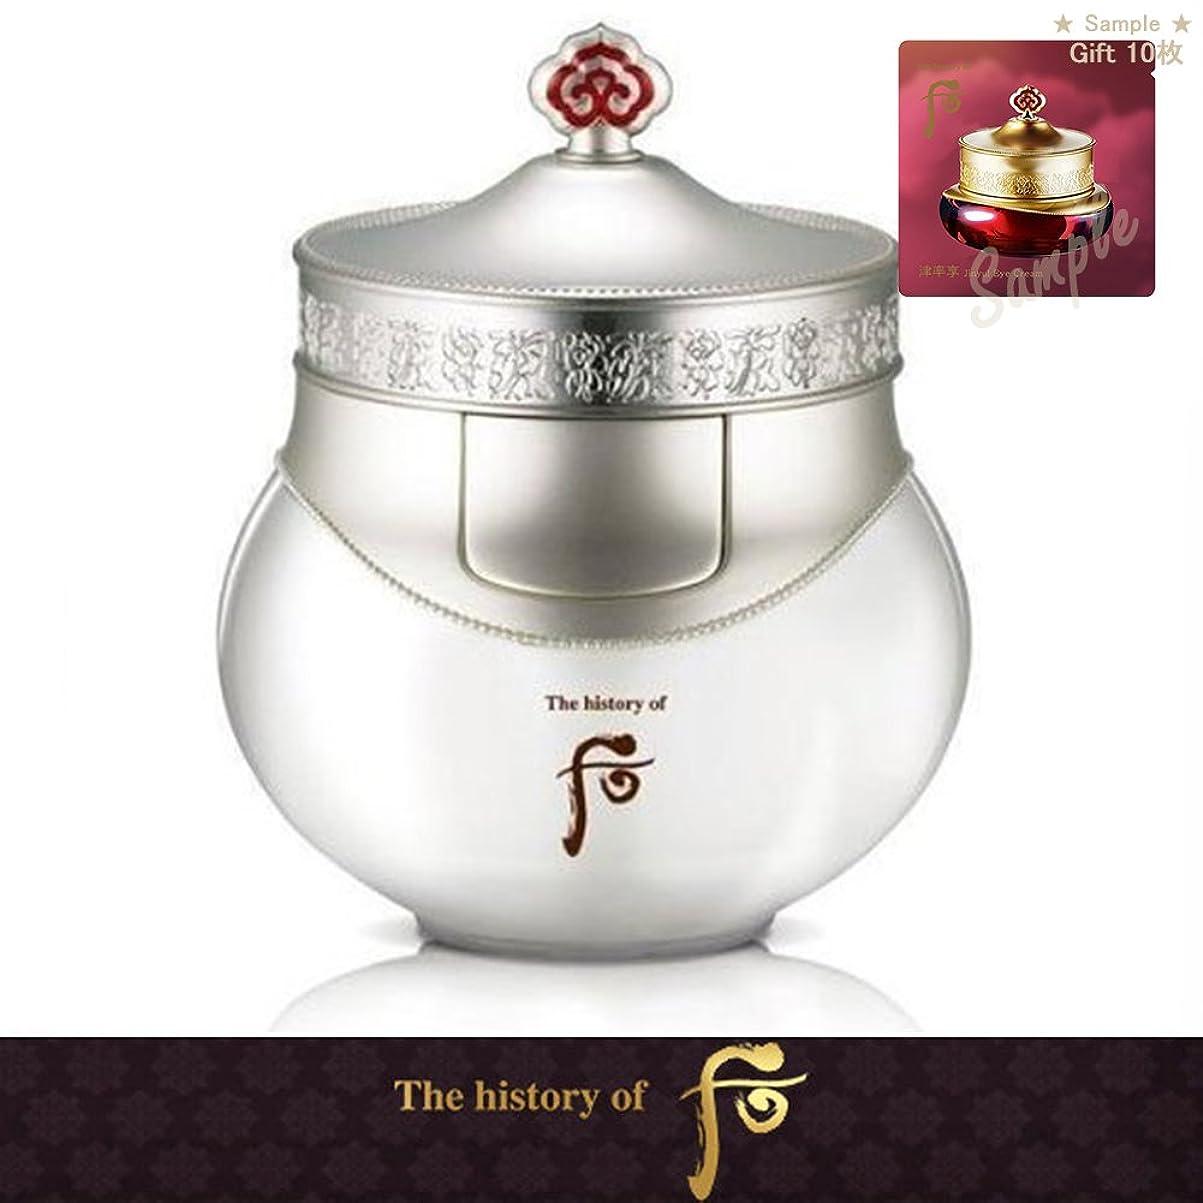 フォーラム中止します連続的【フー/ The history of whoo] Whoo 后(フー) The history of whoo Gongjinhyang Seol Whitening & Mositure Cream ゴンジンヒャン設定美 白水分と- 60ml+ Sample Gift(海外直送品)